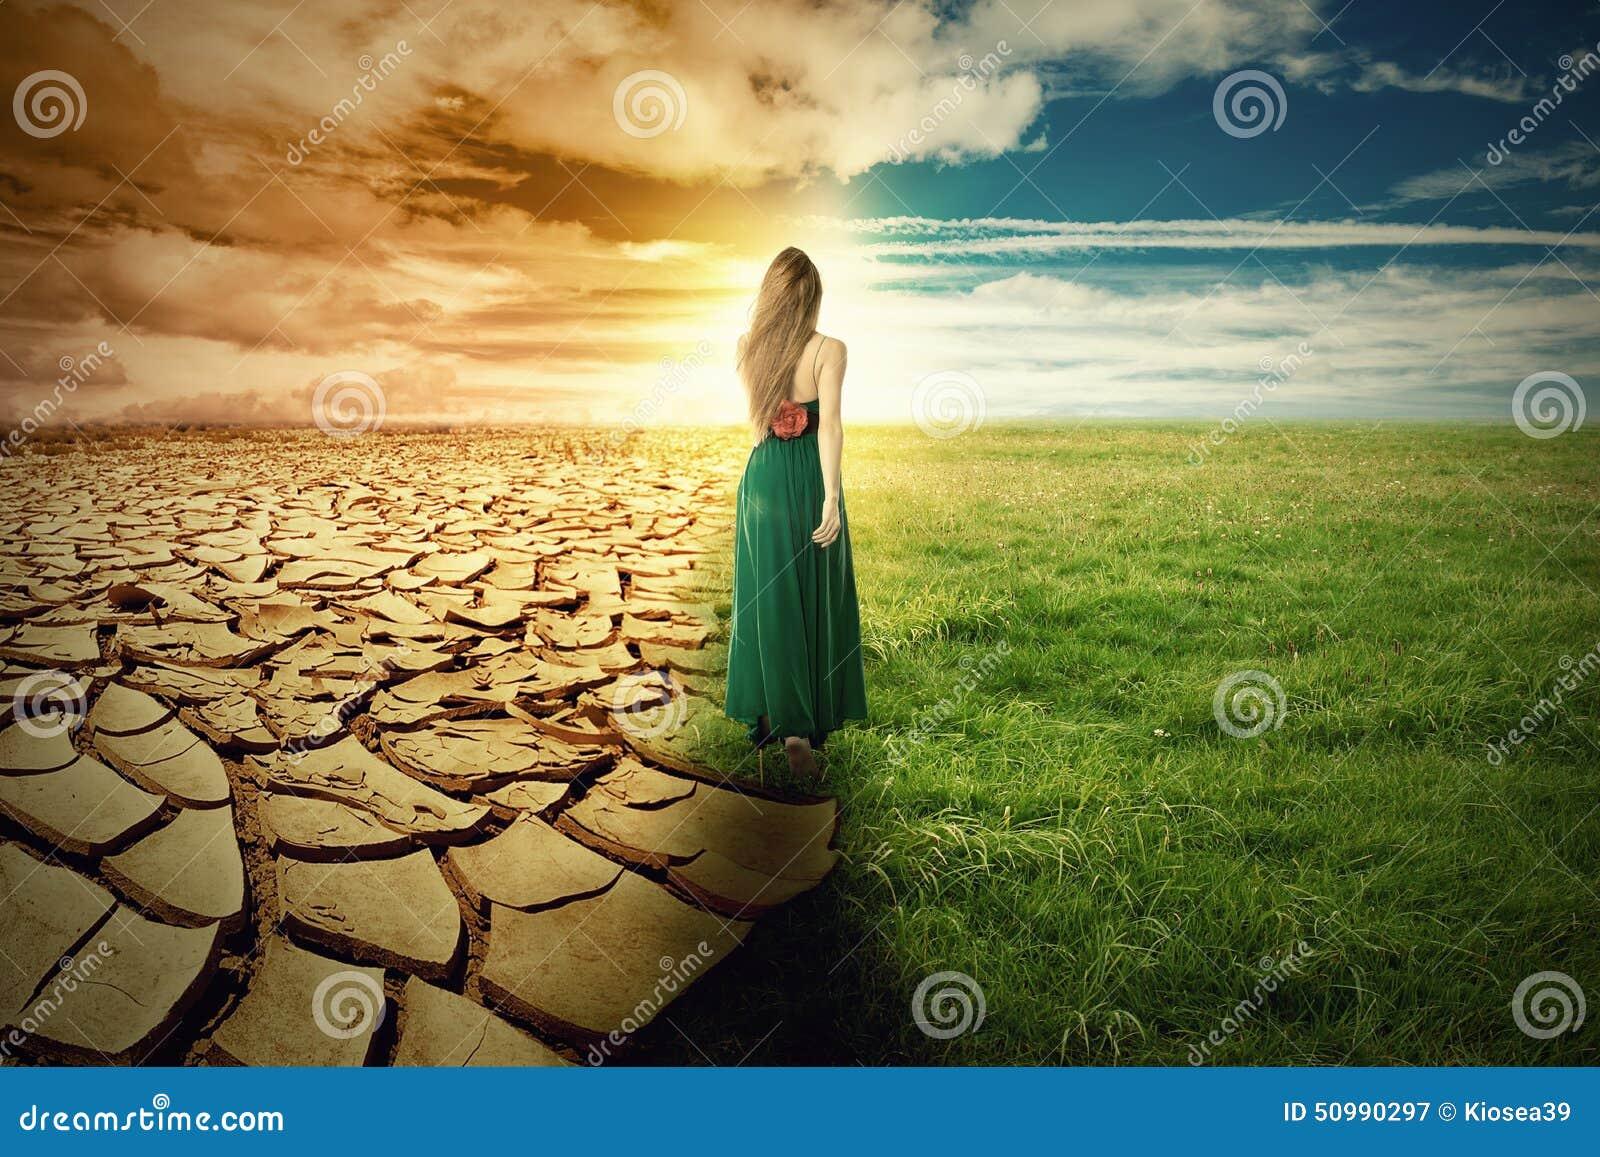 Une image de concept de changement climatique Herbe verte de paysage et terre de sécheresse